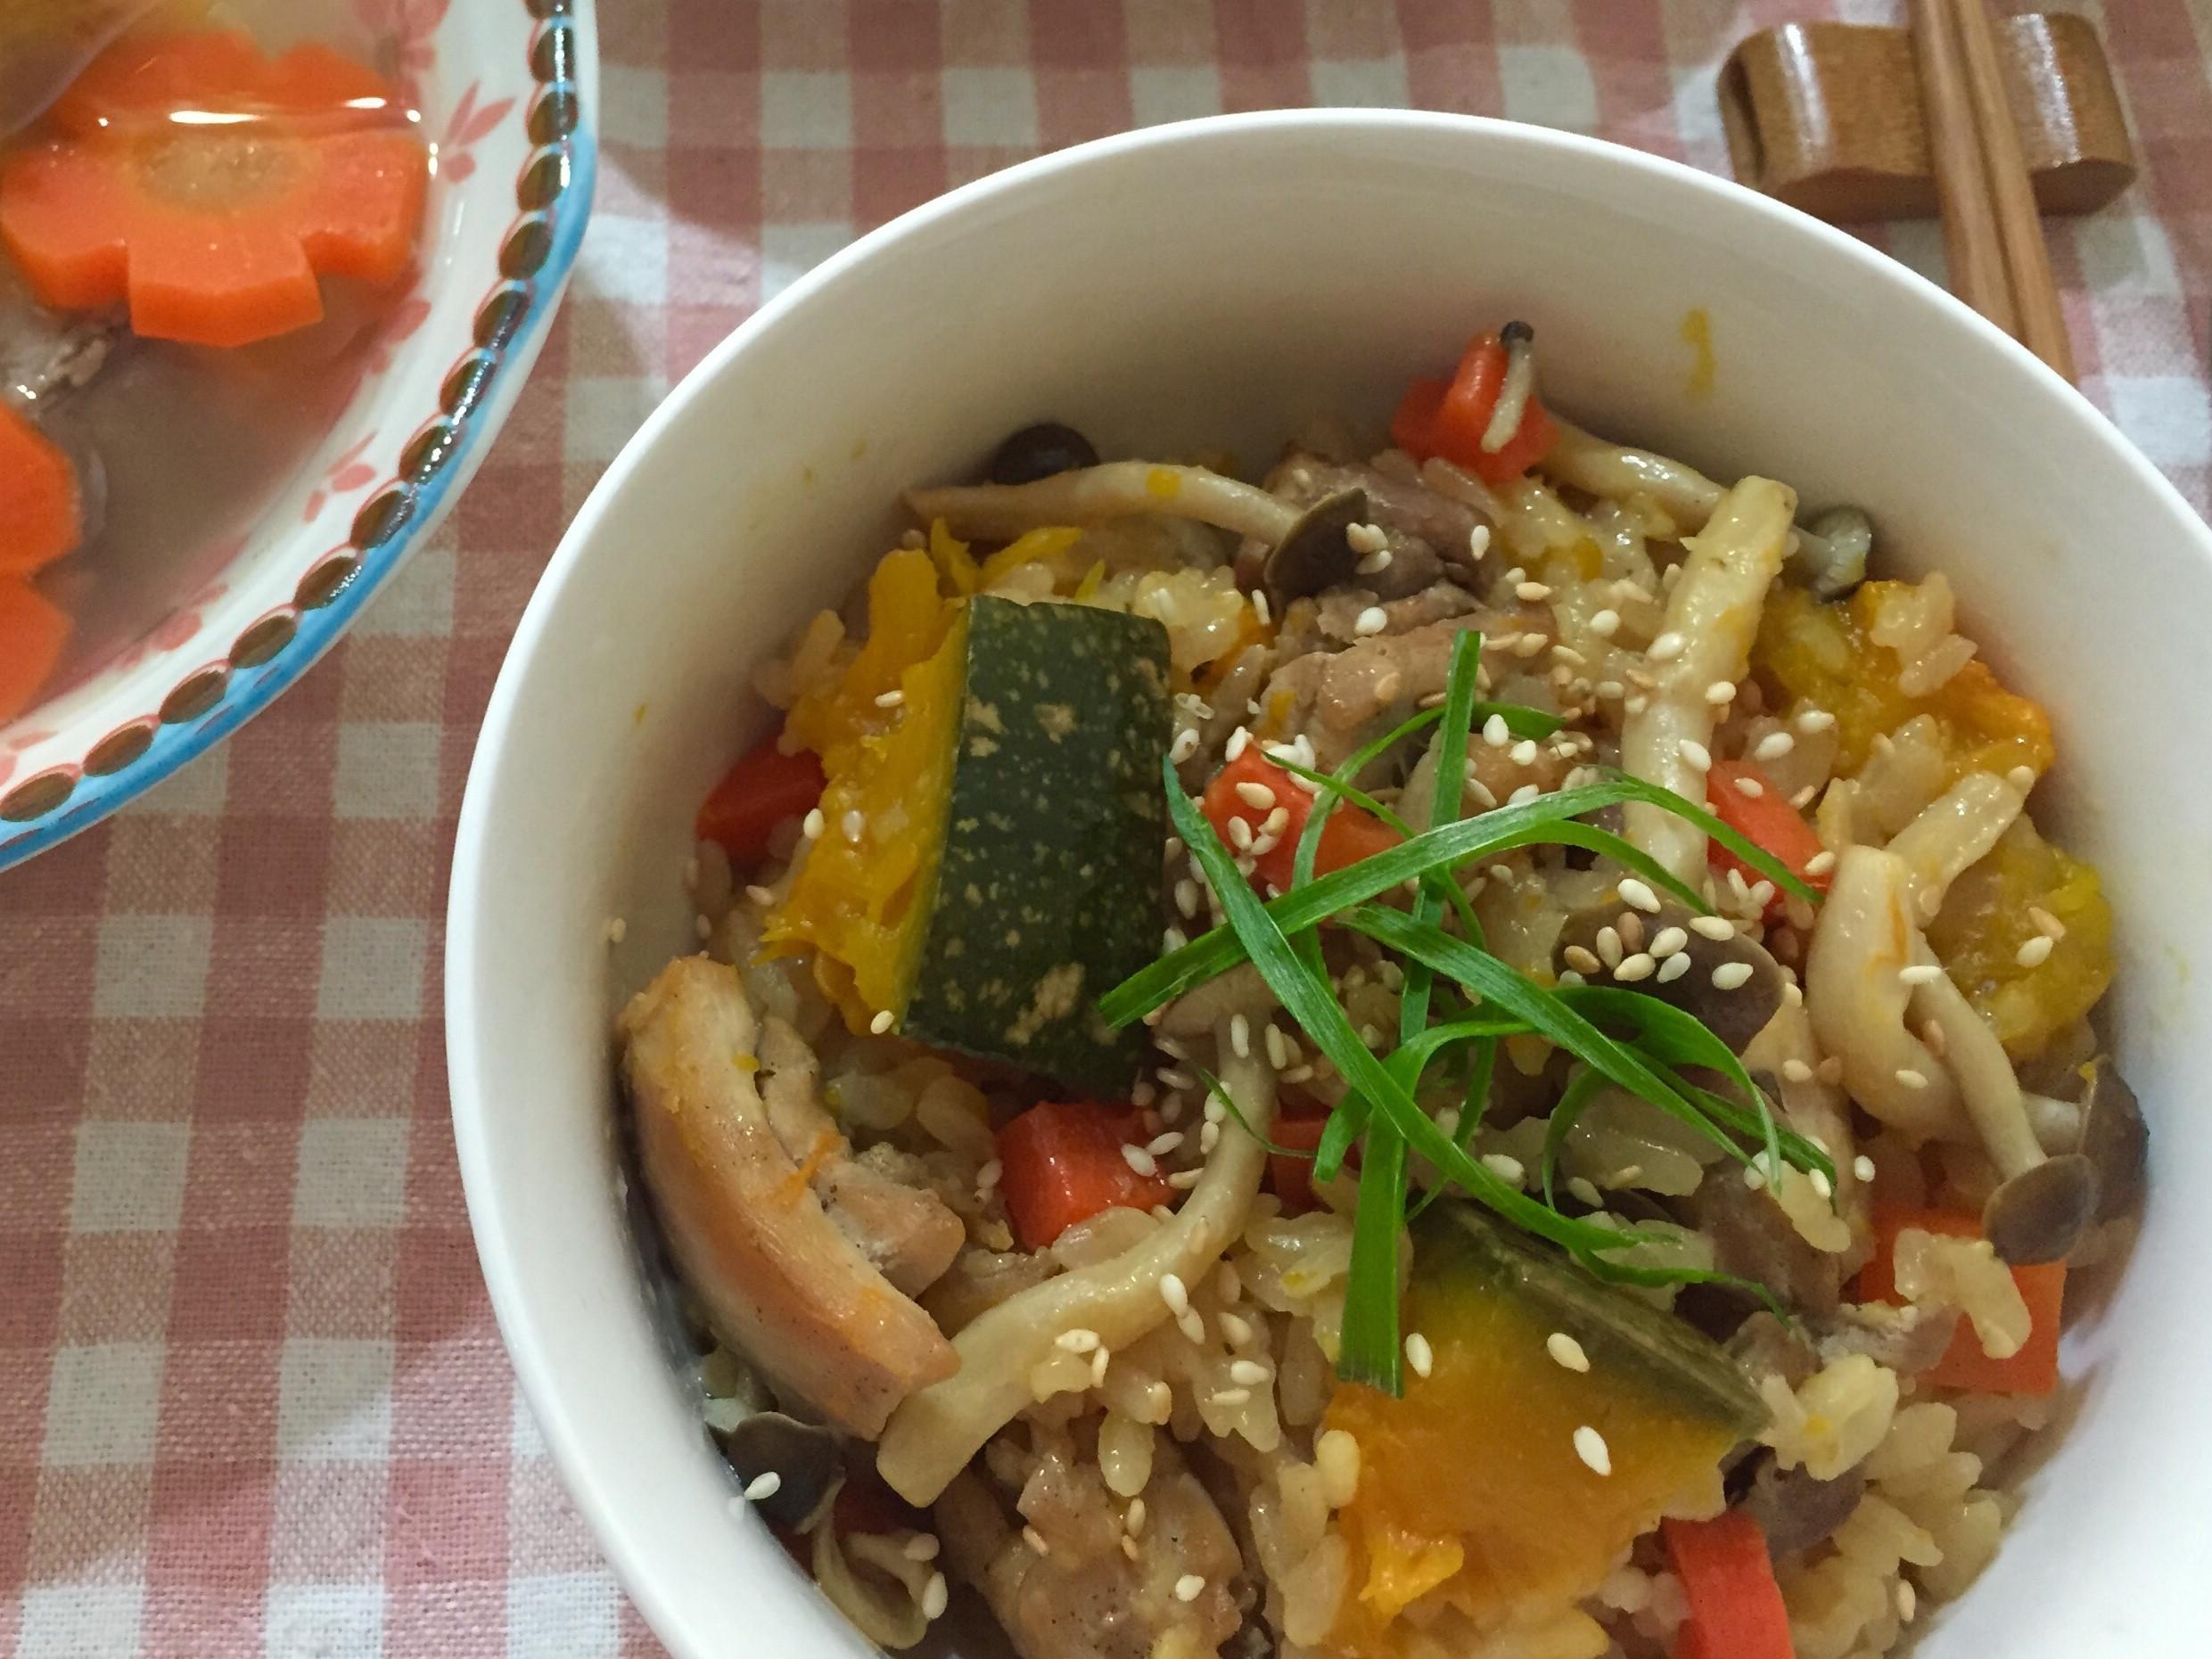 【秋作】~日式南瓜雞肉雜炊飯